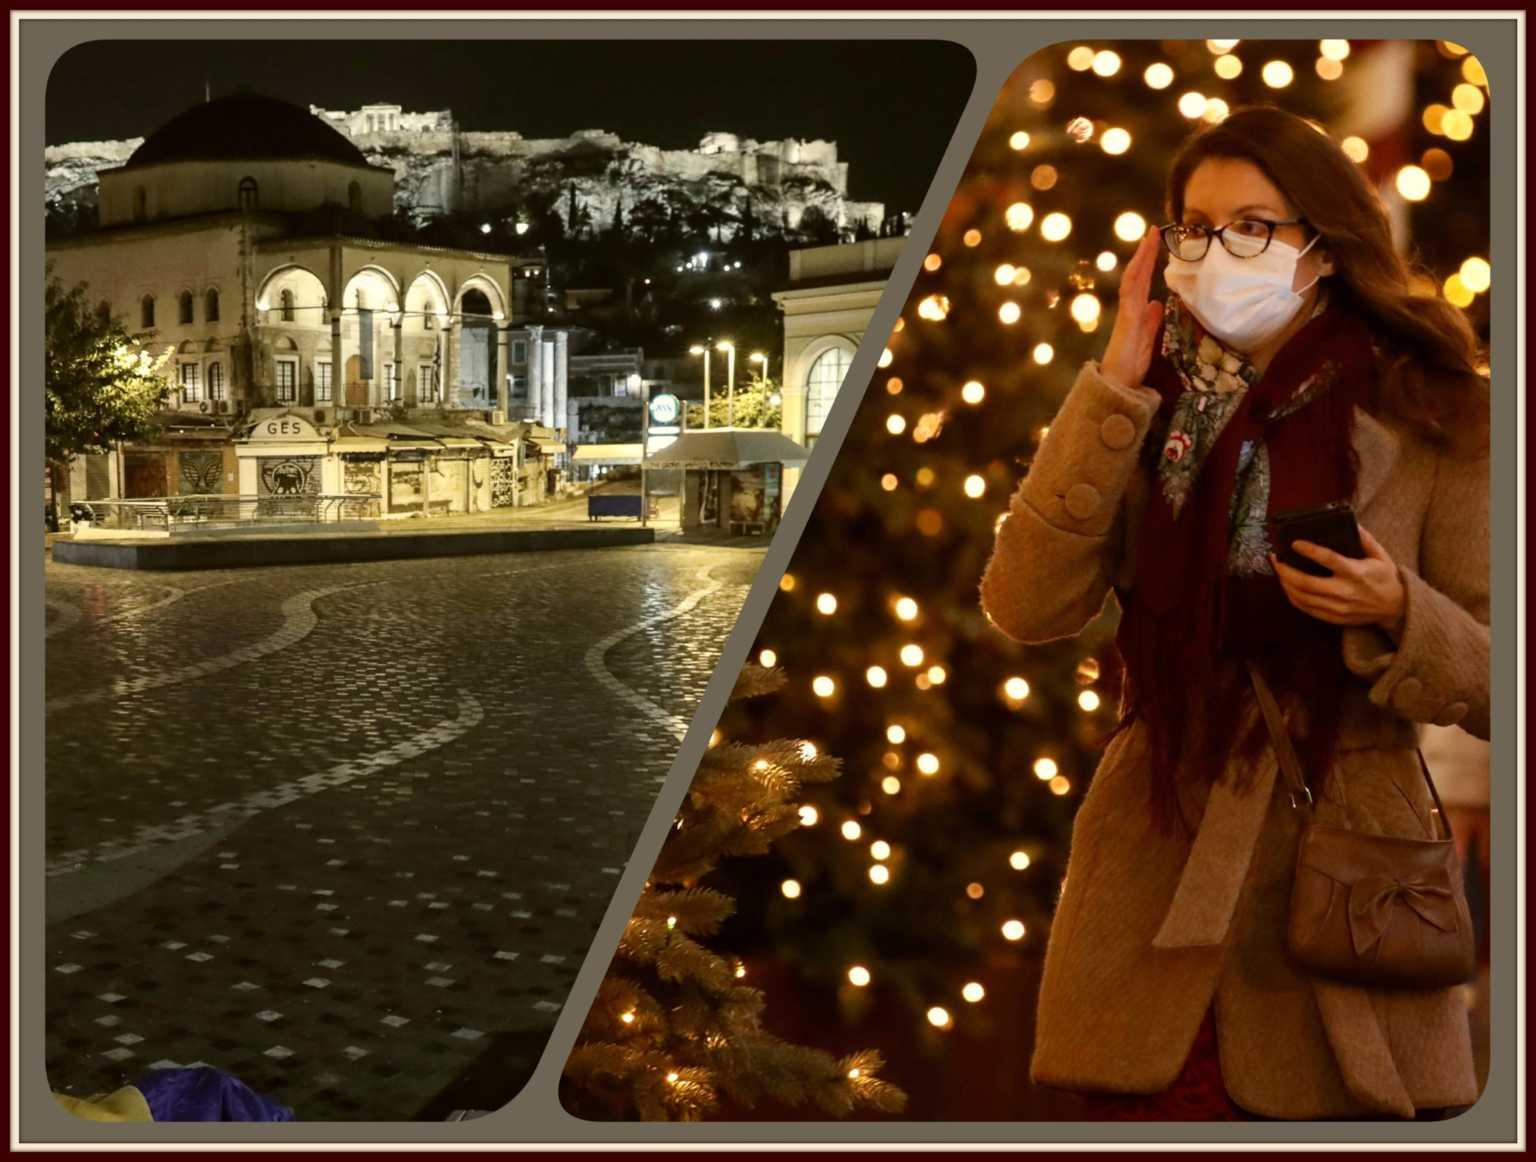 Κορονοϊός: Χριστούγεννα… σπίτι με «κόφτη» στα άτομα και περιορισμό στις μετακινήσεις